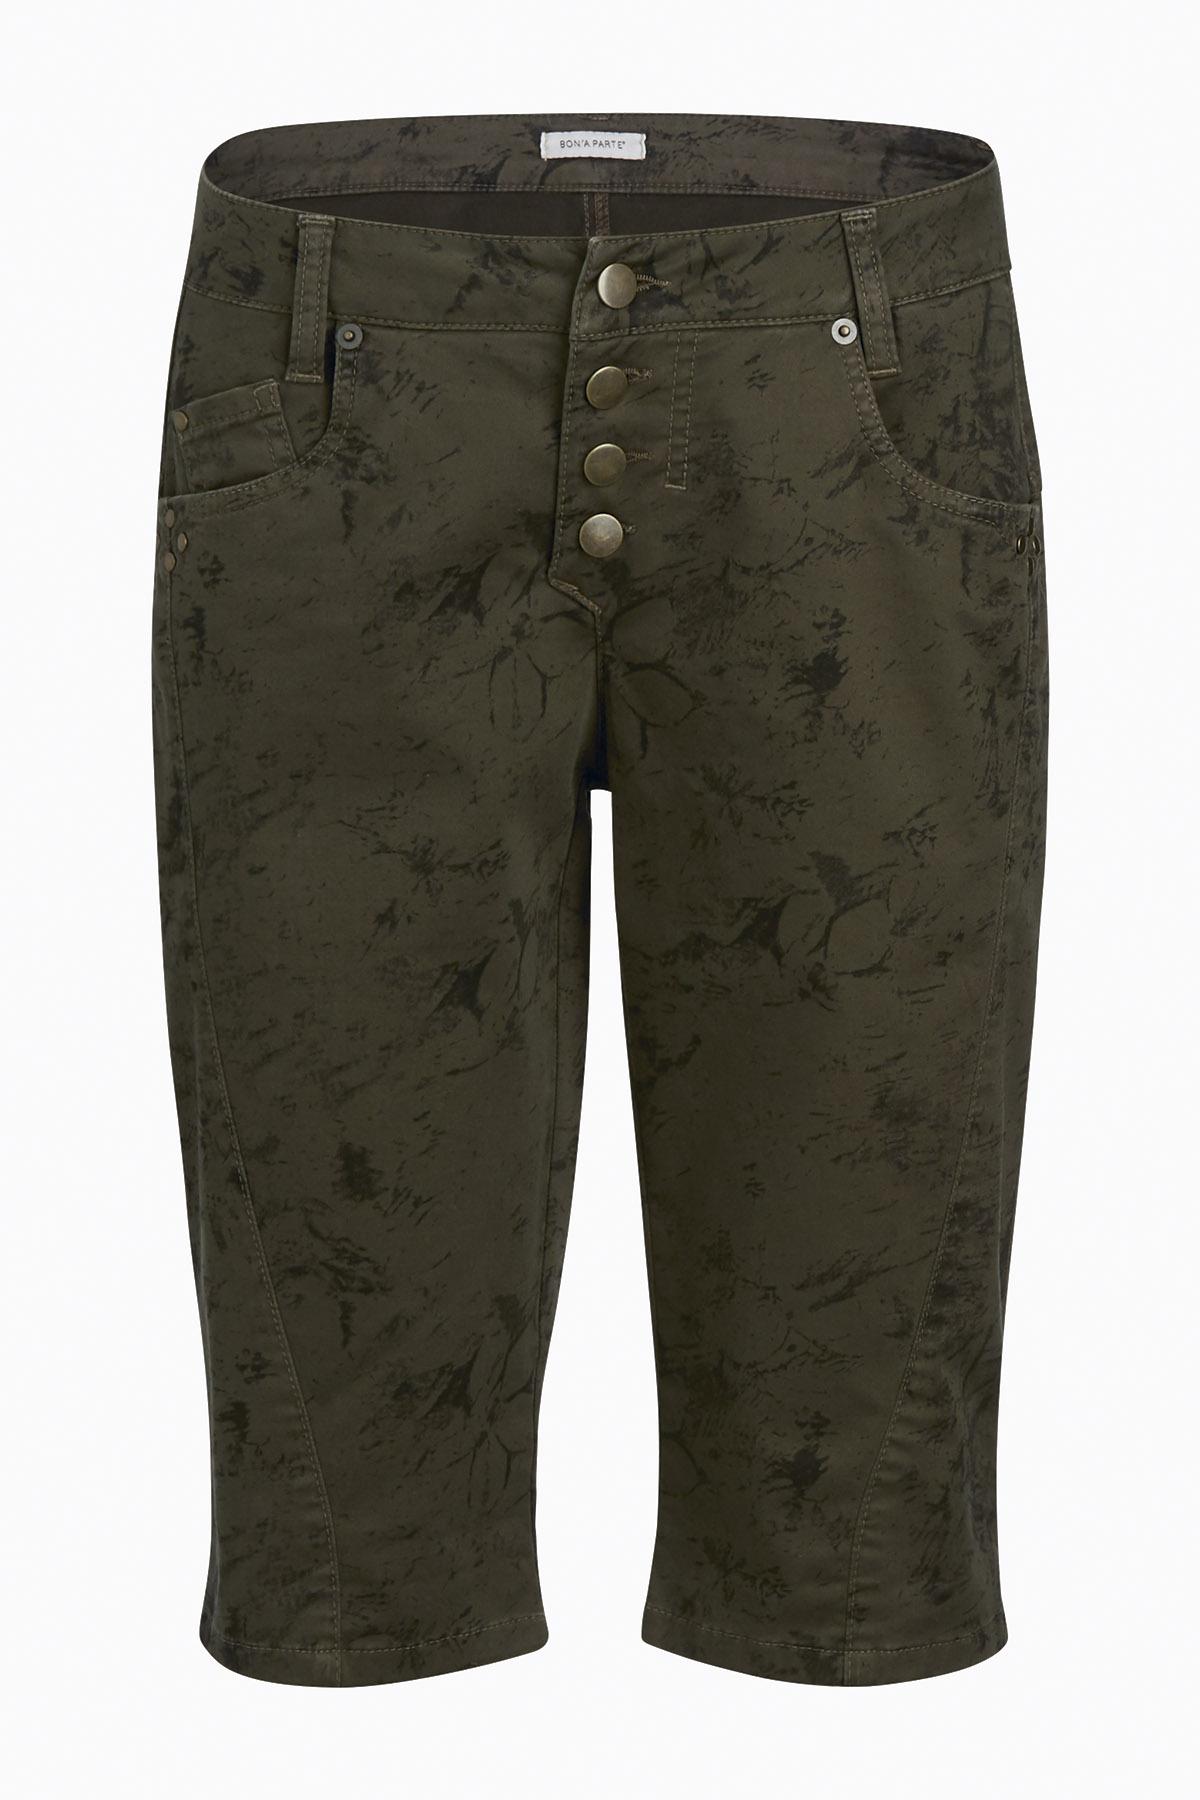 Khaki/grau Shorts von Bon'A Parte – Shoppen Sie Khaki/grau Shorts ab Gr. 34-54 hier